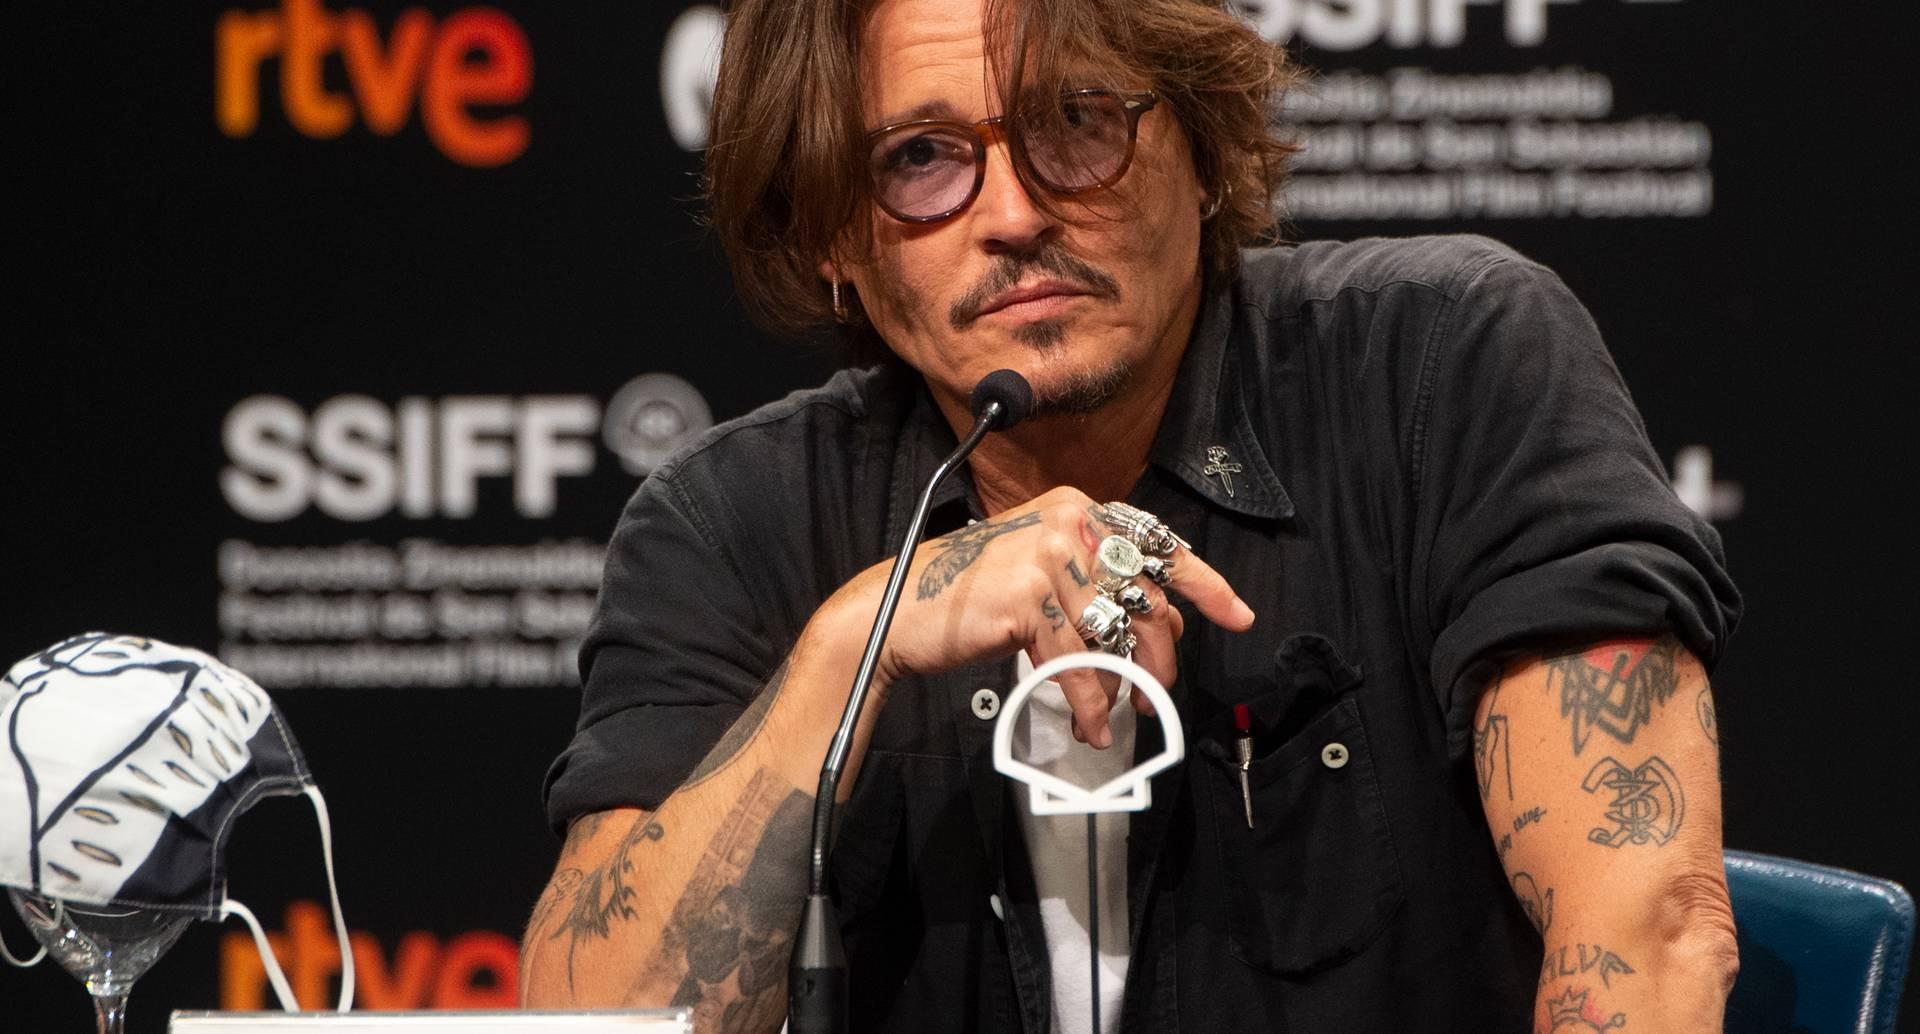 """El actor estadounidense Johnny Depp asiste a una conferencia de prensa de la película """"Crock of gold: A few rounds with Shane Macgowan"""" durante el 68 ° Festival de Cine de San Sebastián en la ciudad vasca de San Sebastián, en el norte de España, el 20 de septiembre de 2020. ANDER GILLENEA / AFP"""